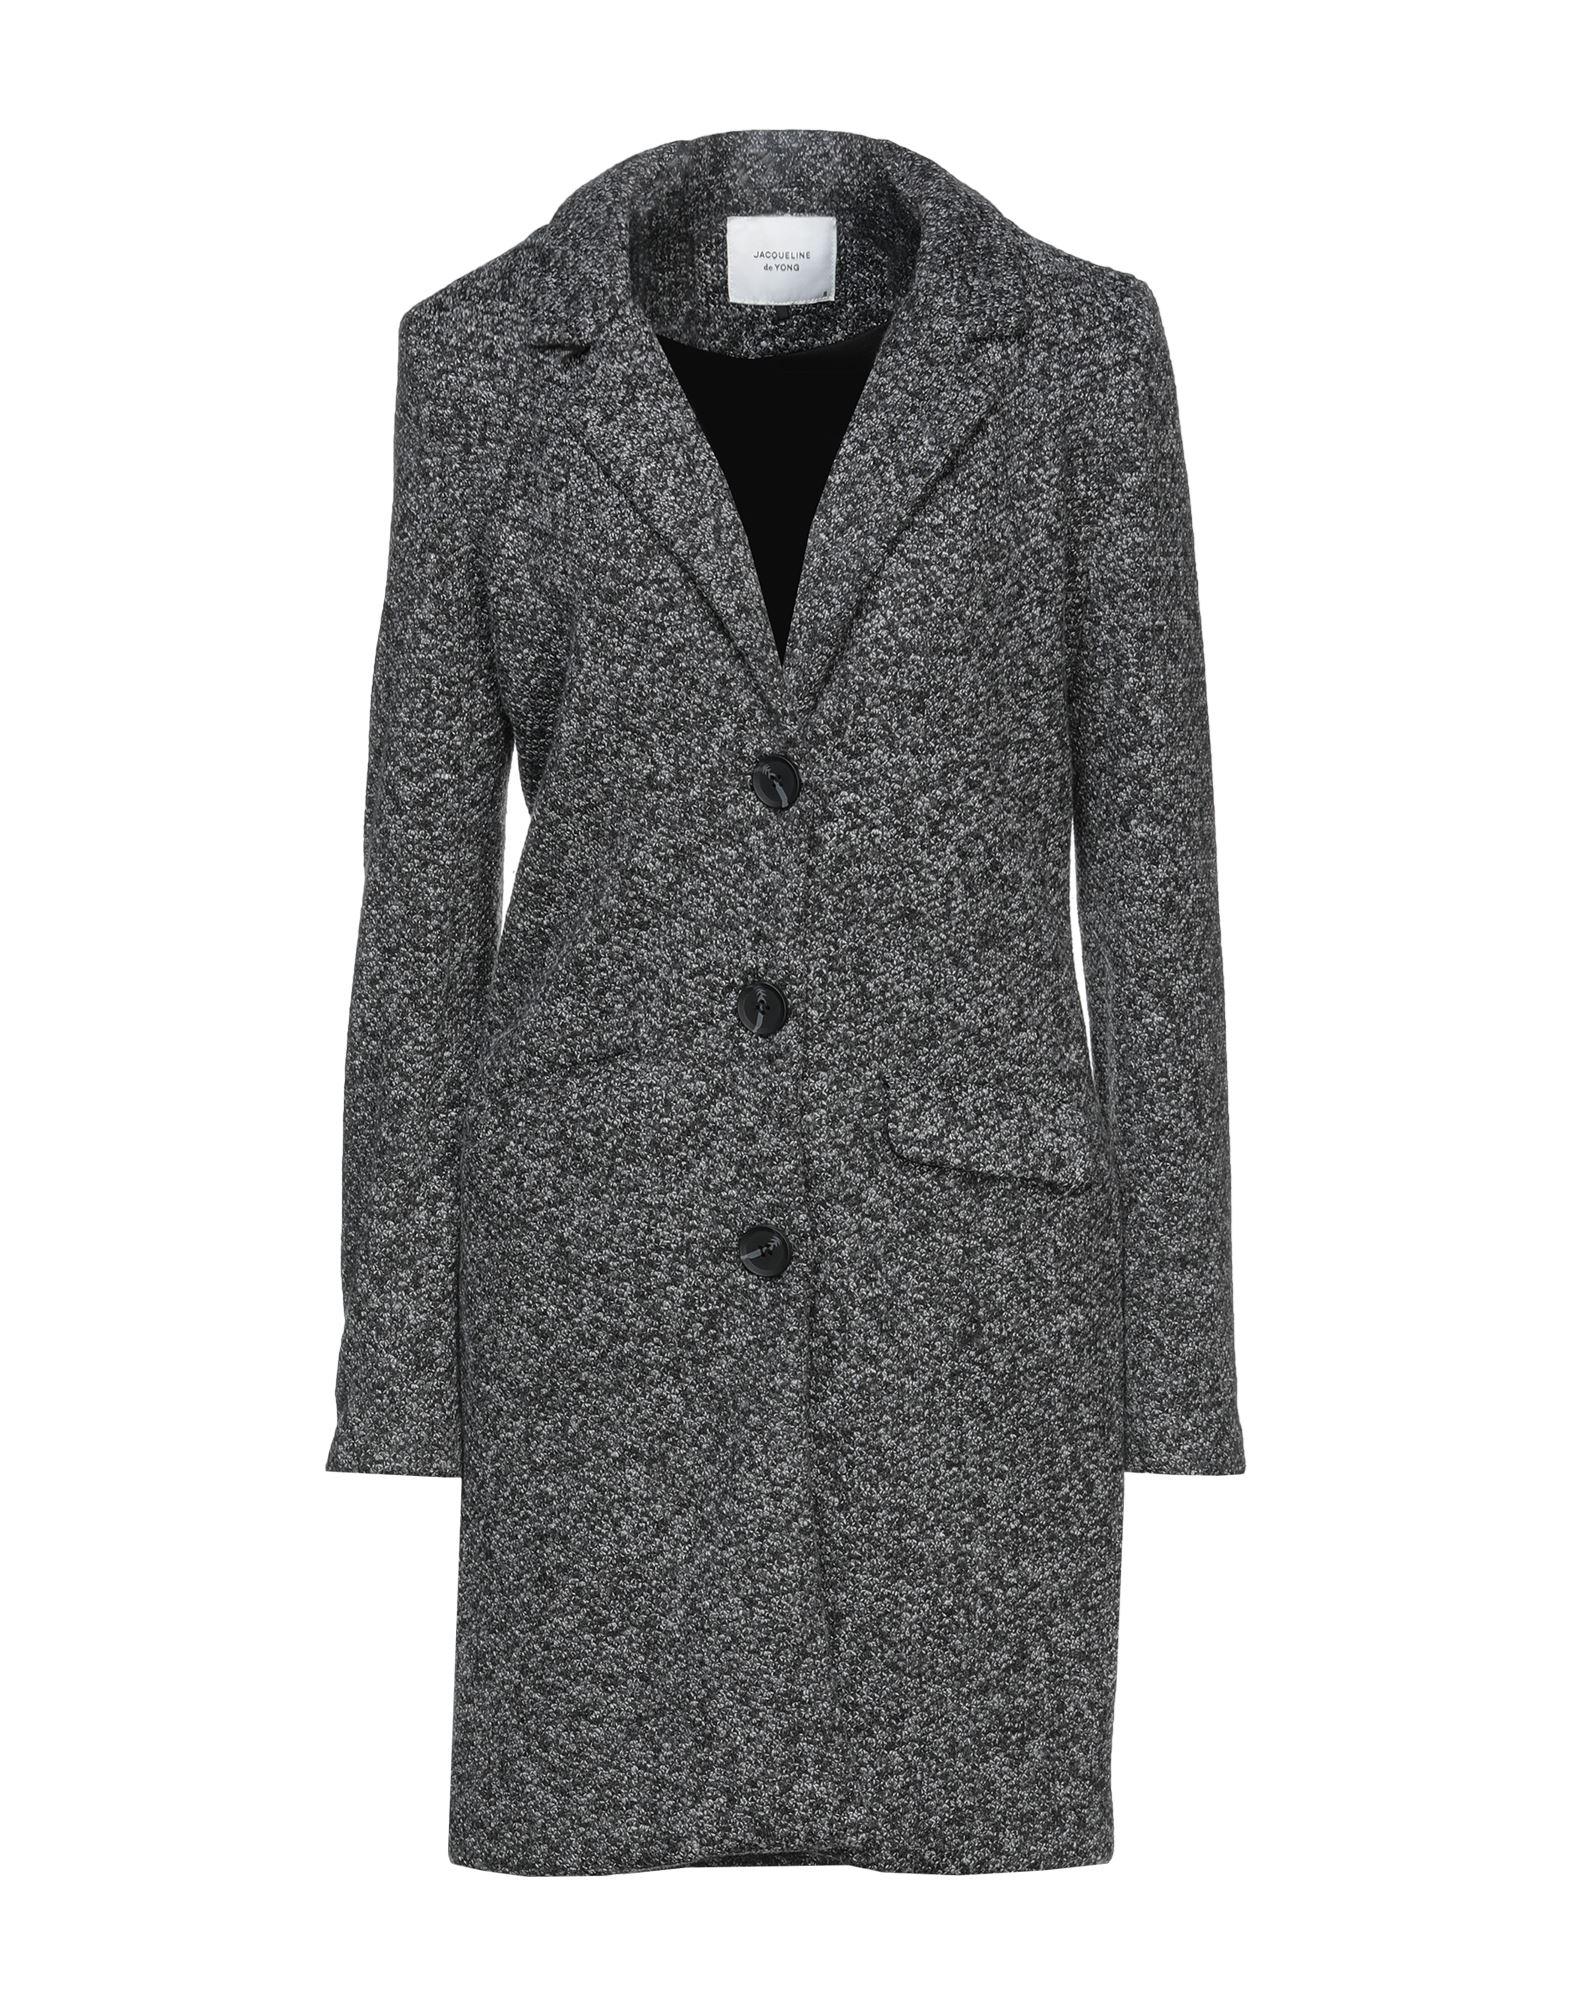 JACQUELINE de YONG Легкое пальто фото